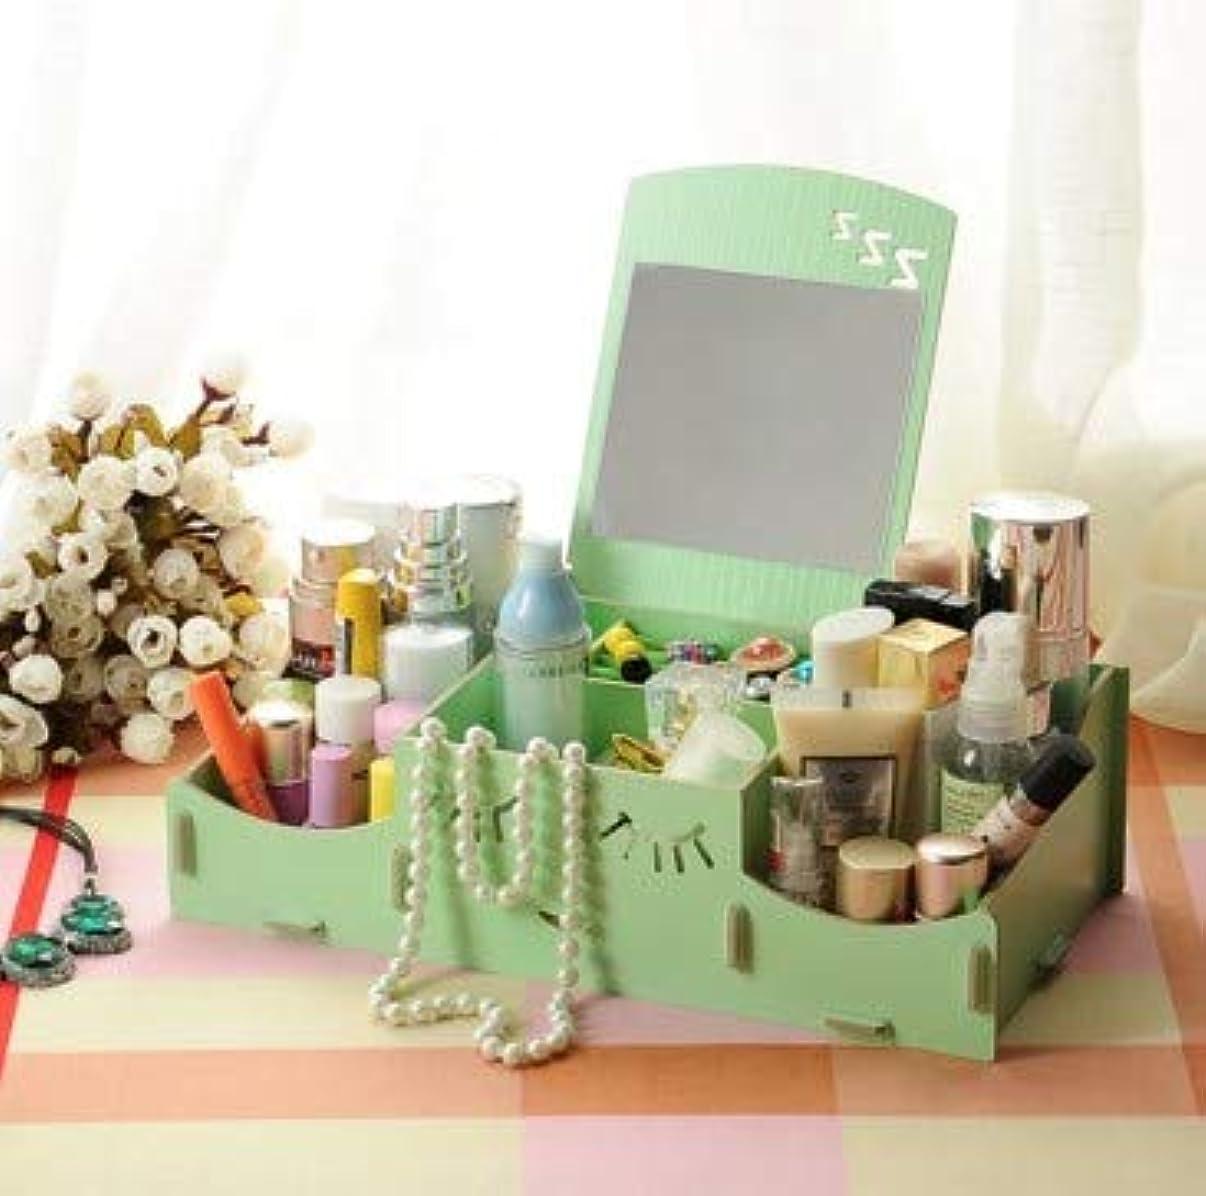 ファンタジー想定するアルカイックスマイリー木製クリエイティブ収納ボックス手作りデスクトップミラー化粧品収納ボックス化粧品収納ボックス (Color : グリンー)